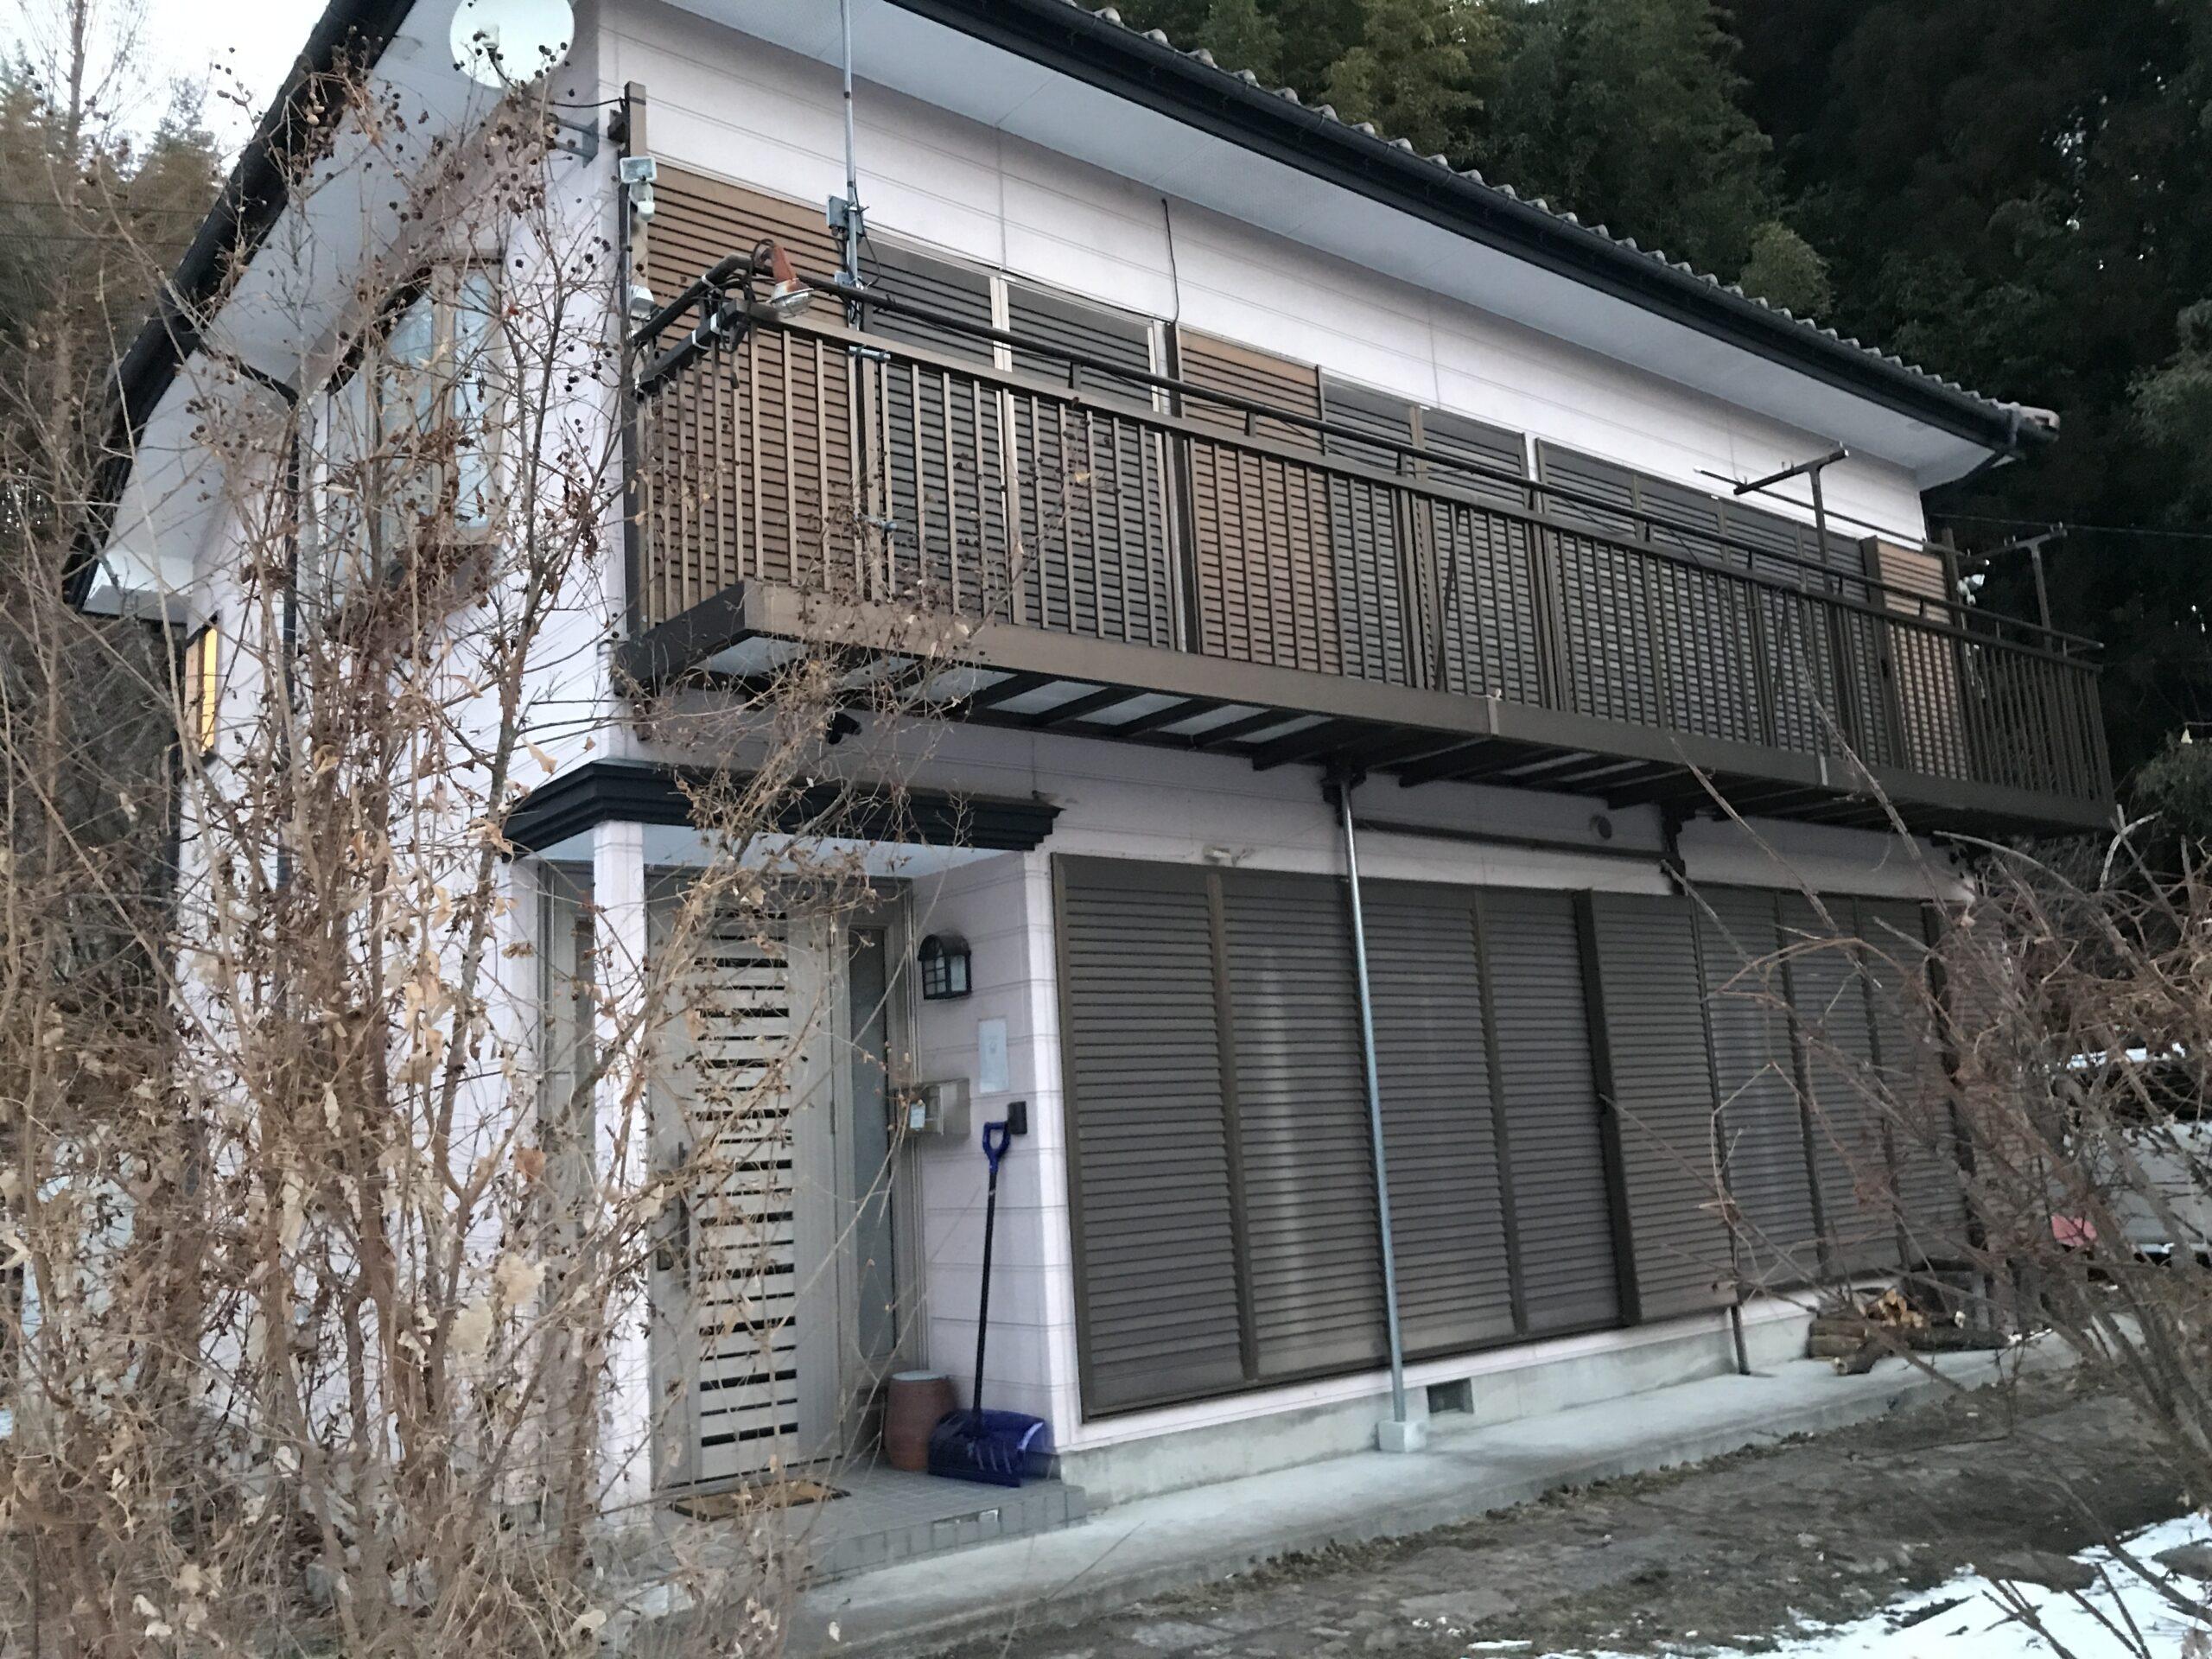 群馬県で連日スキー場にいく際におすすめの宿「コモンズ」|激安の素泊まり宿に泊まってみた!